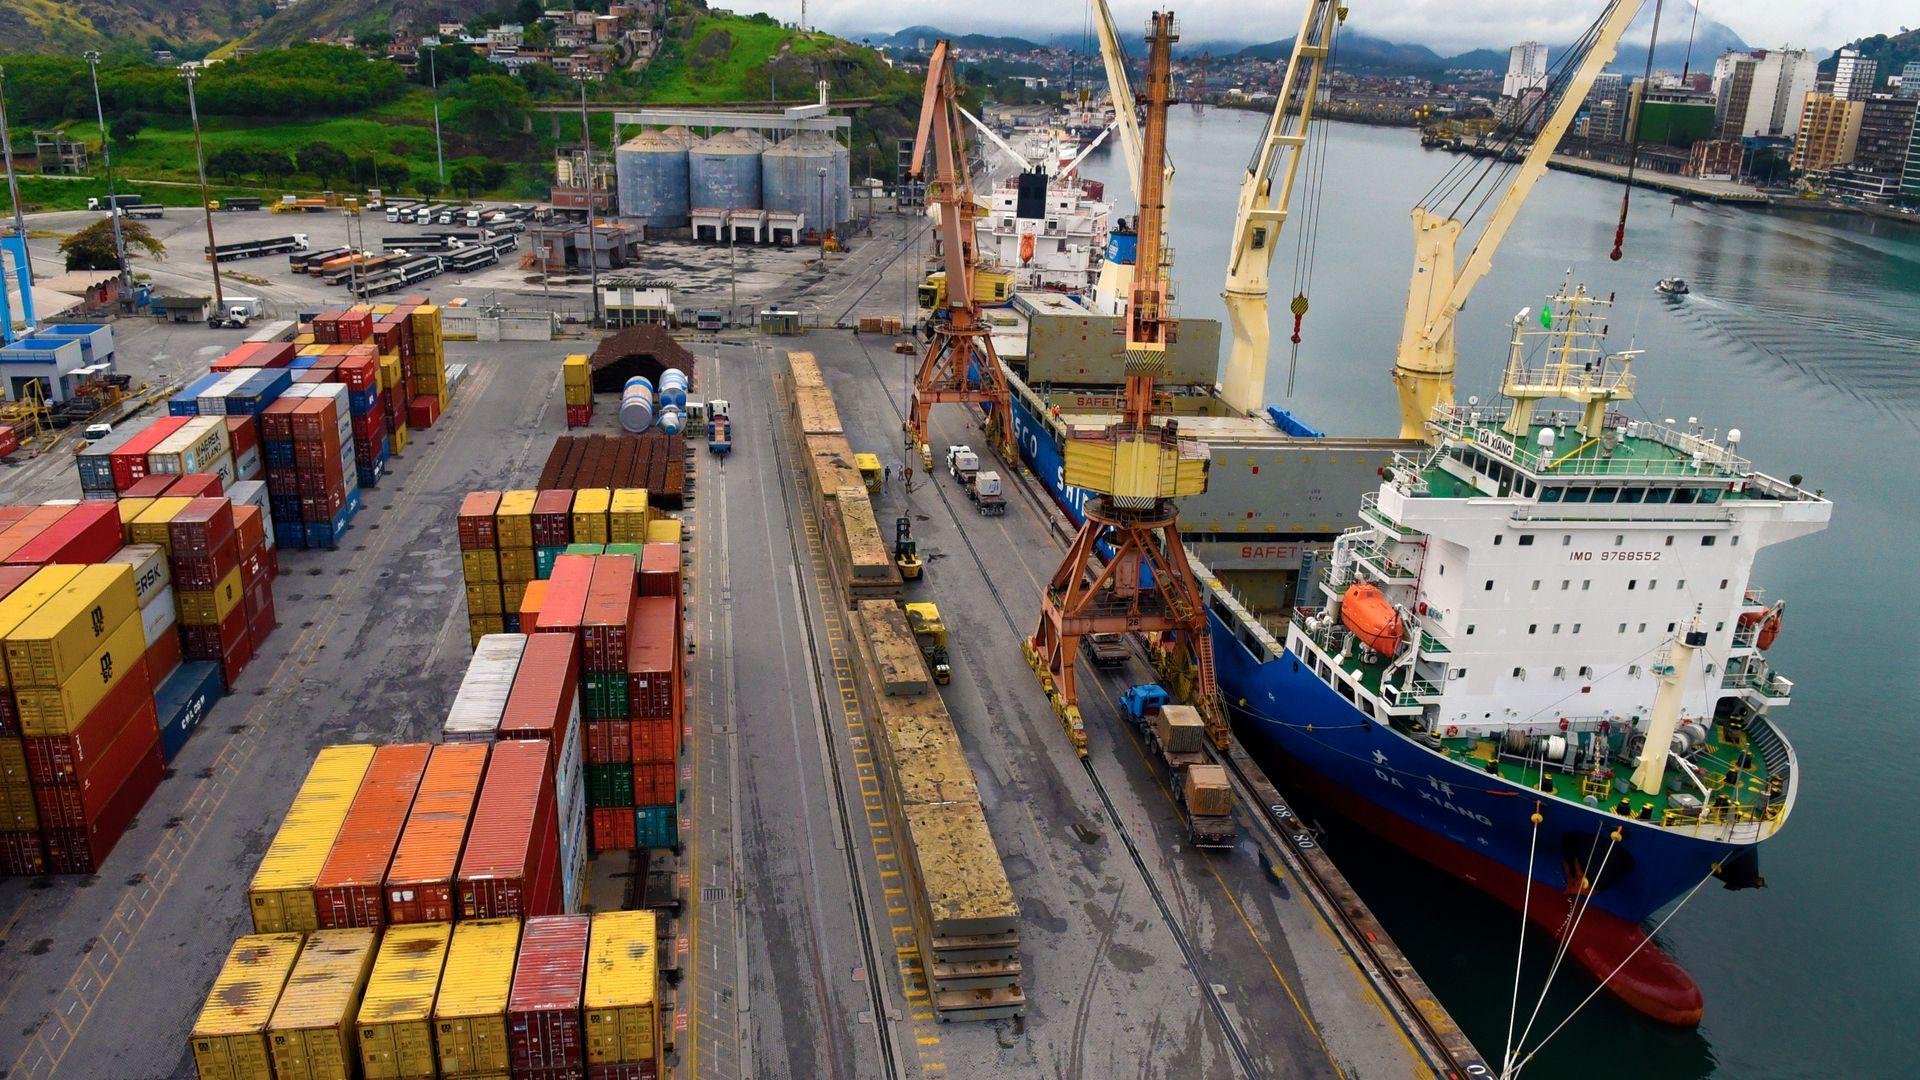 O Terminal Portuário de Vila Velha (TVV), único terminal de contêineres do Estado, é administrado pela empresa Log-in Logística.  Por lá passam eletrodomésticos, insumos para a indústria de mineração e siderúrgica, e outros.